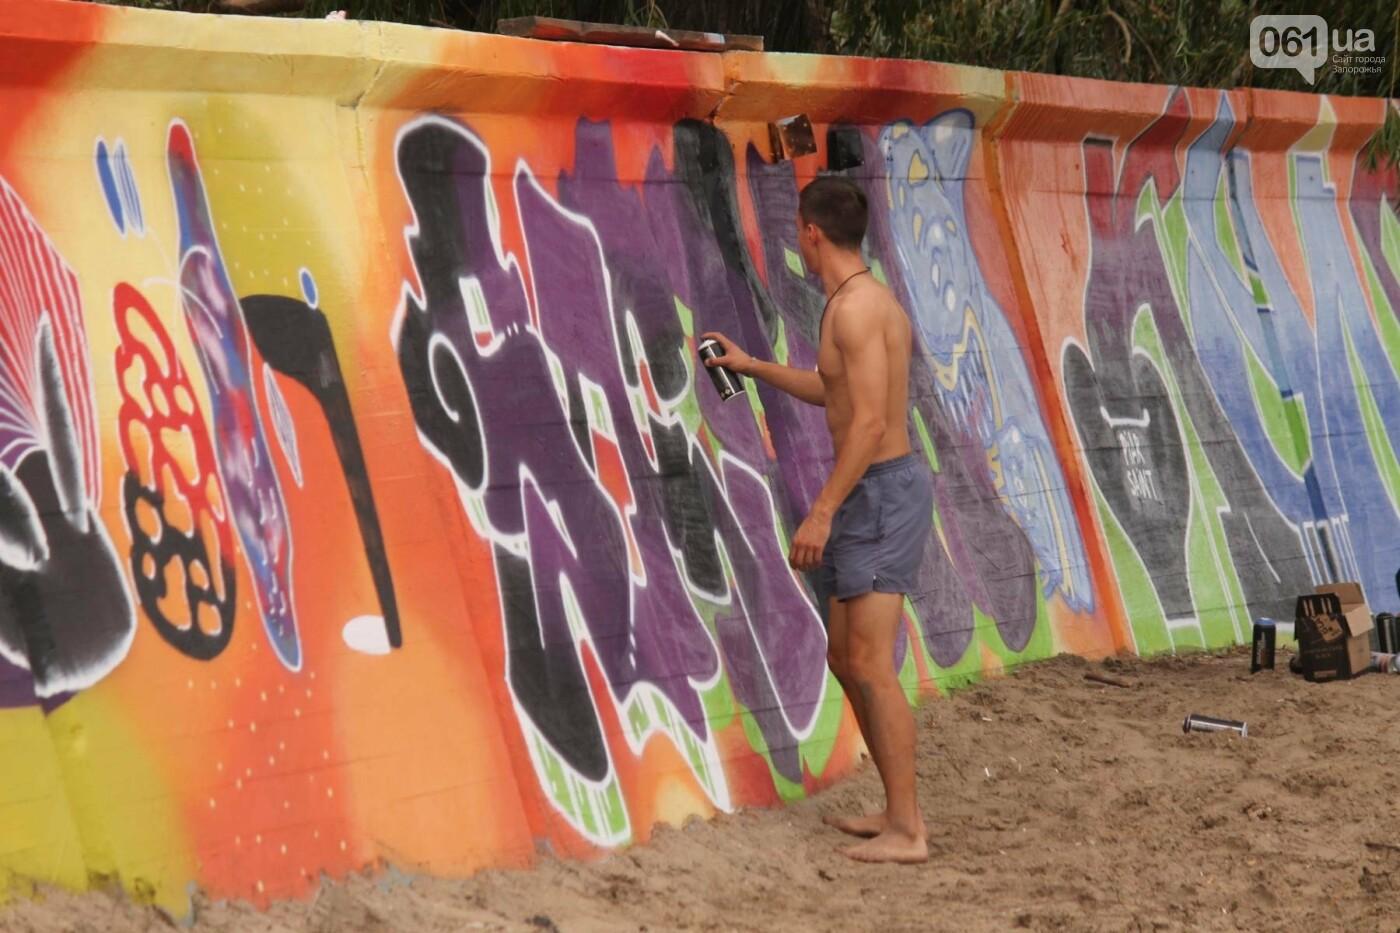 В Запорожье на пляже закончился фестиваль граффити: разрисовали 150 метров бетонной стены, – ФОТОРЕПОРТАЖ, фото-9